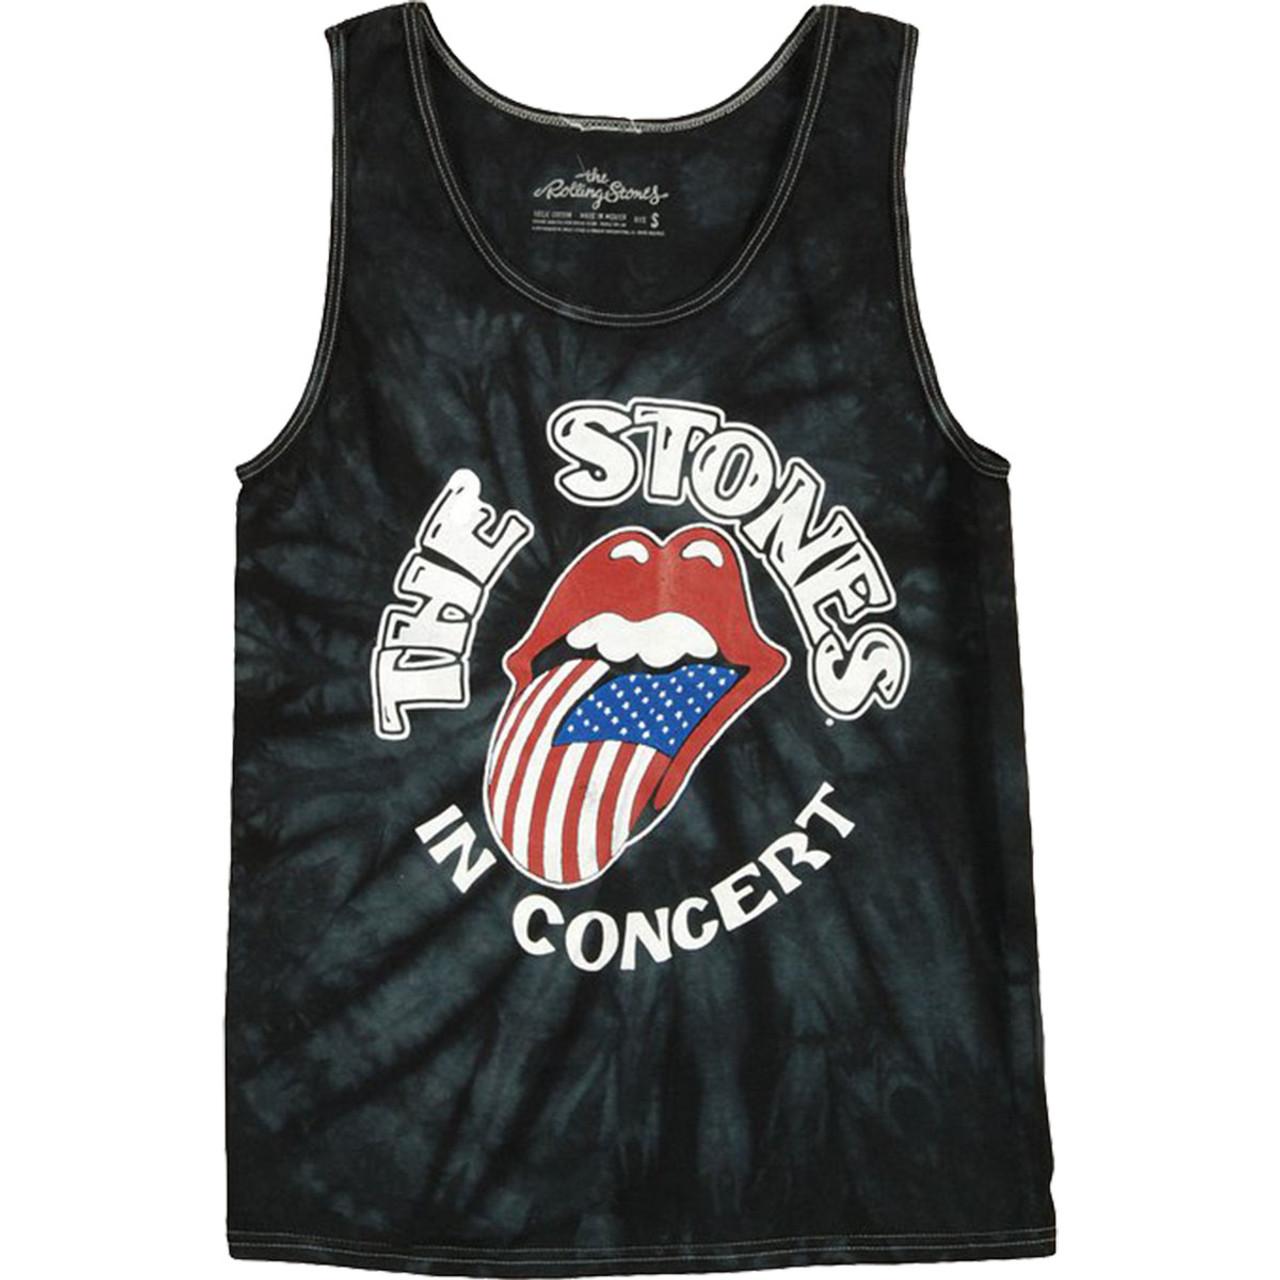 Bravado Rolling Stones The Stones In Concert Mens Tie Dye Tank Top